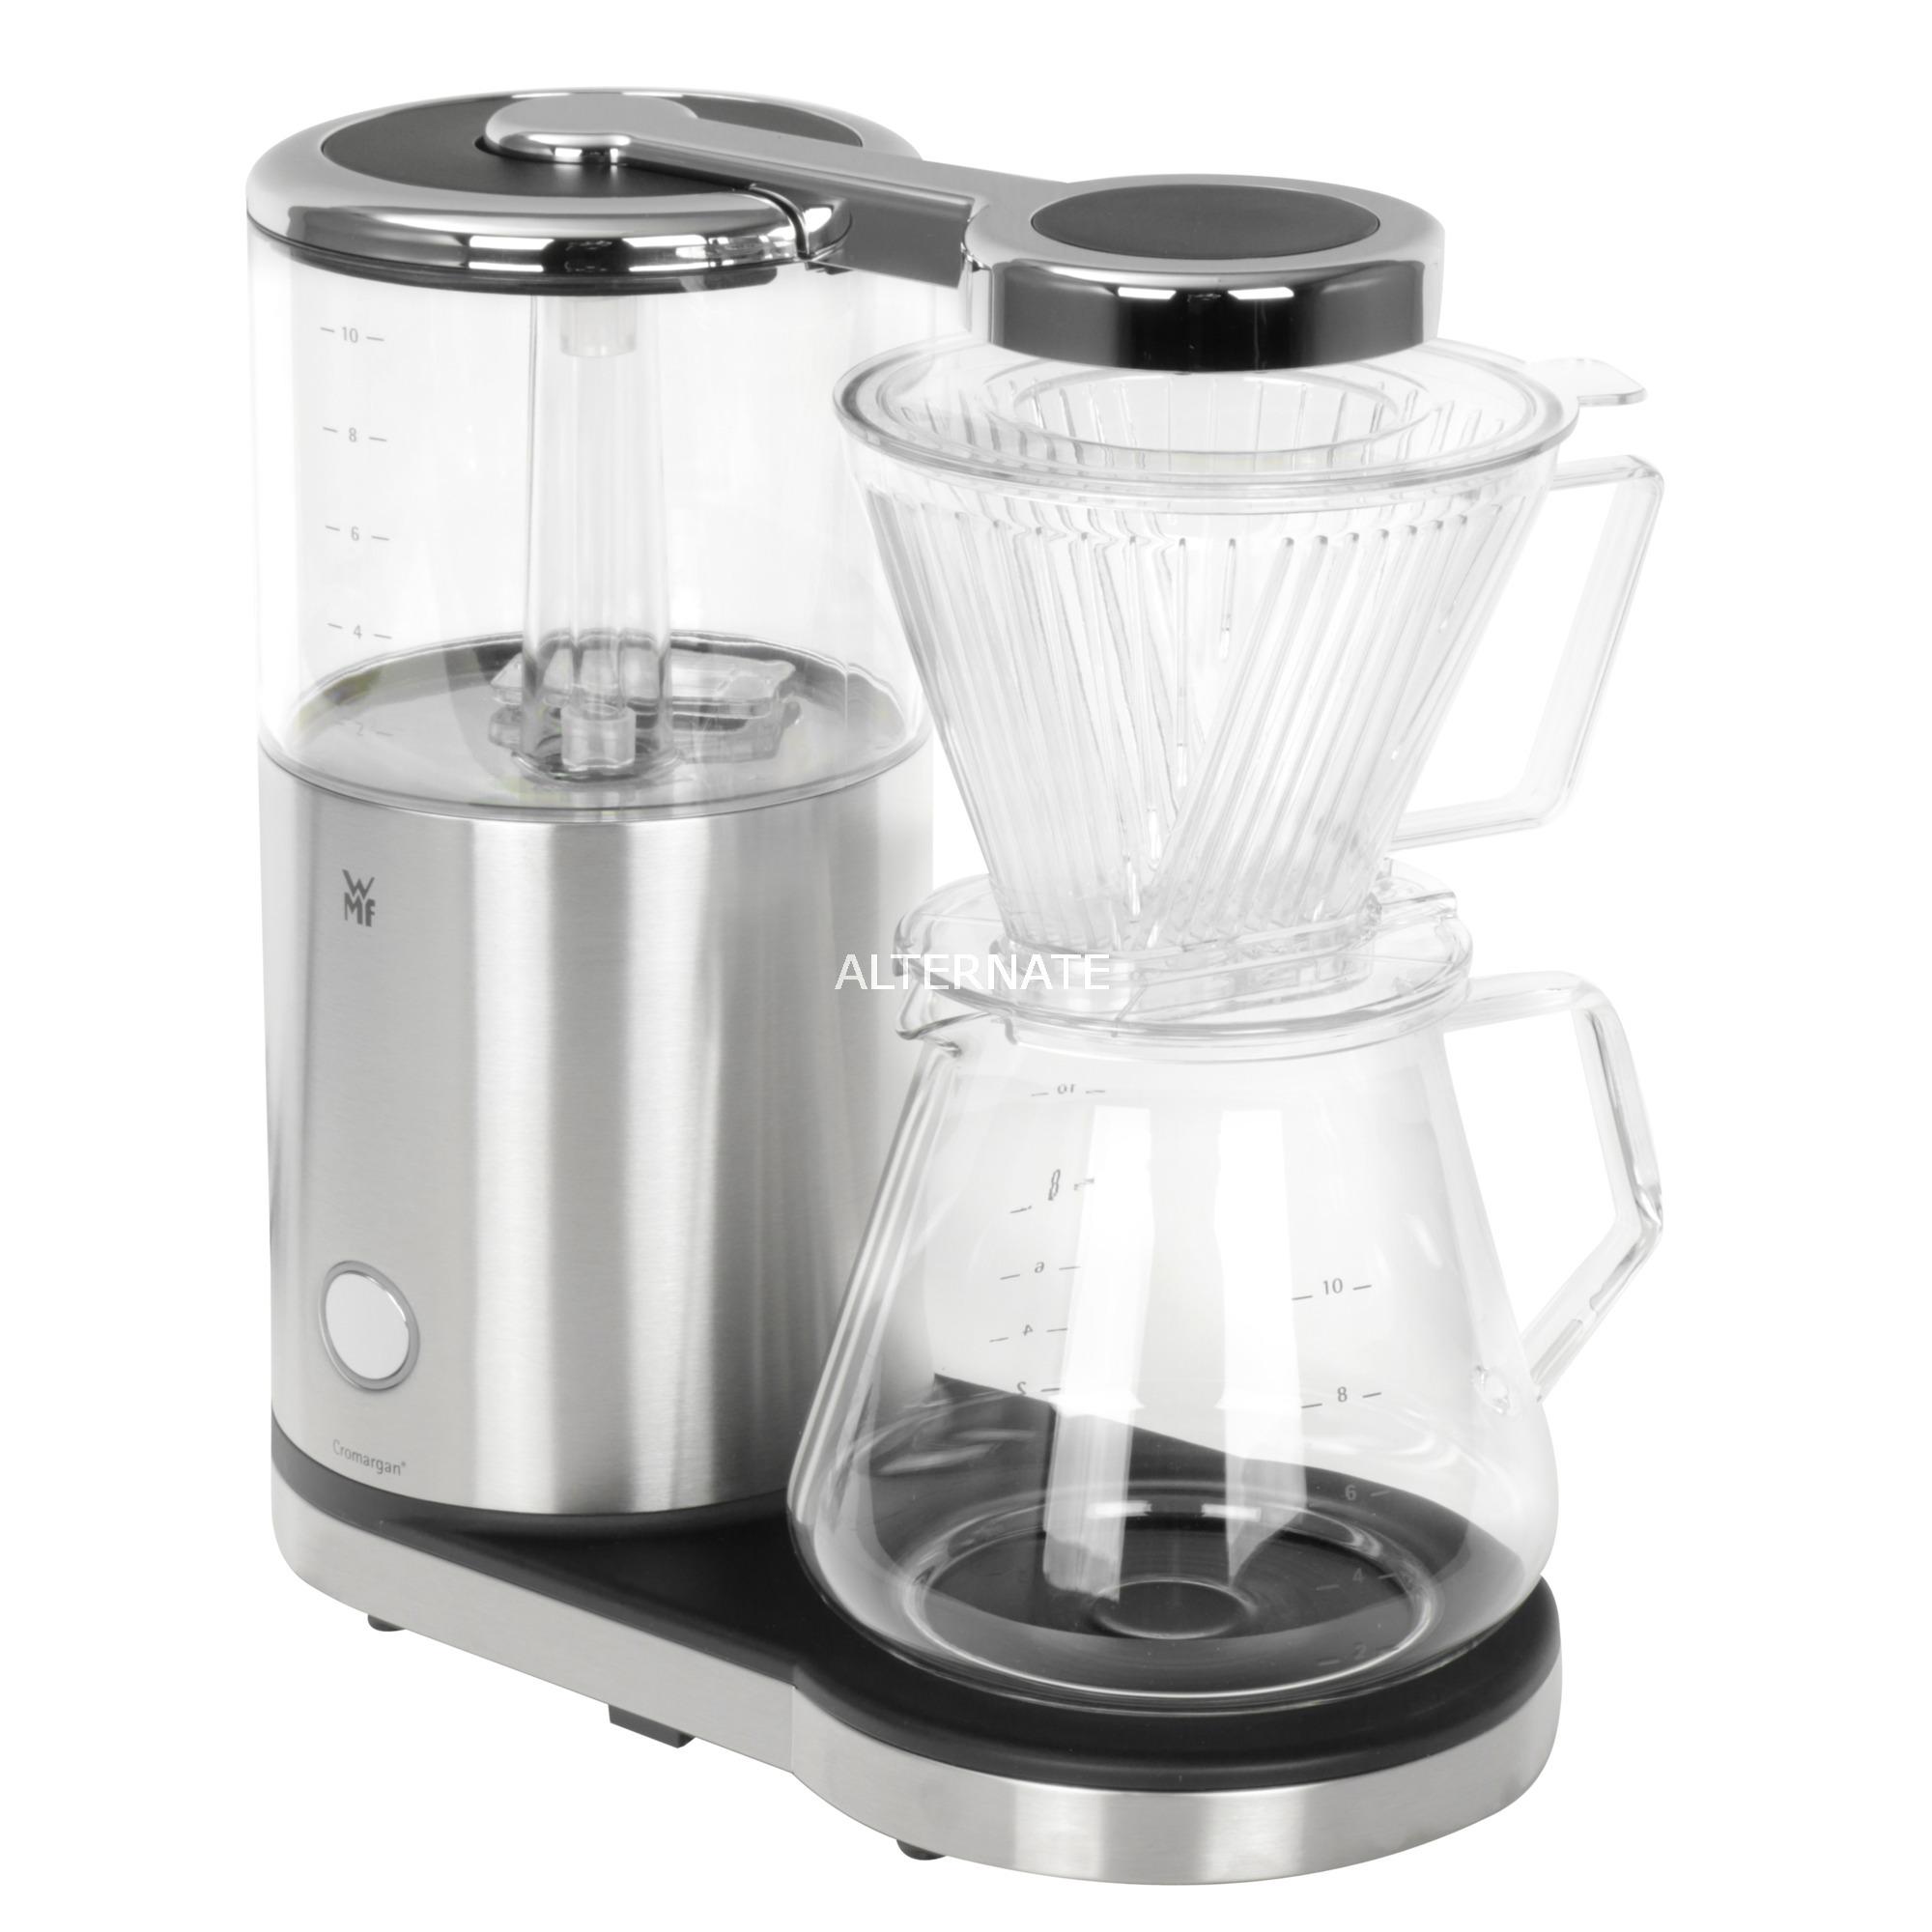 04 1219 0011 Independiente Cafetera de filtro Acero inoxidable, Transparente 10 tazas